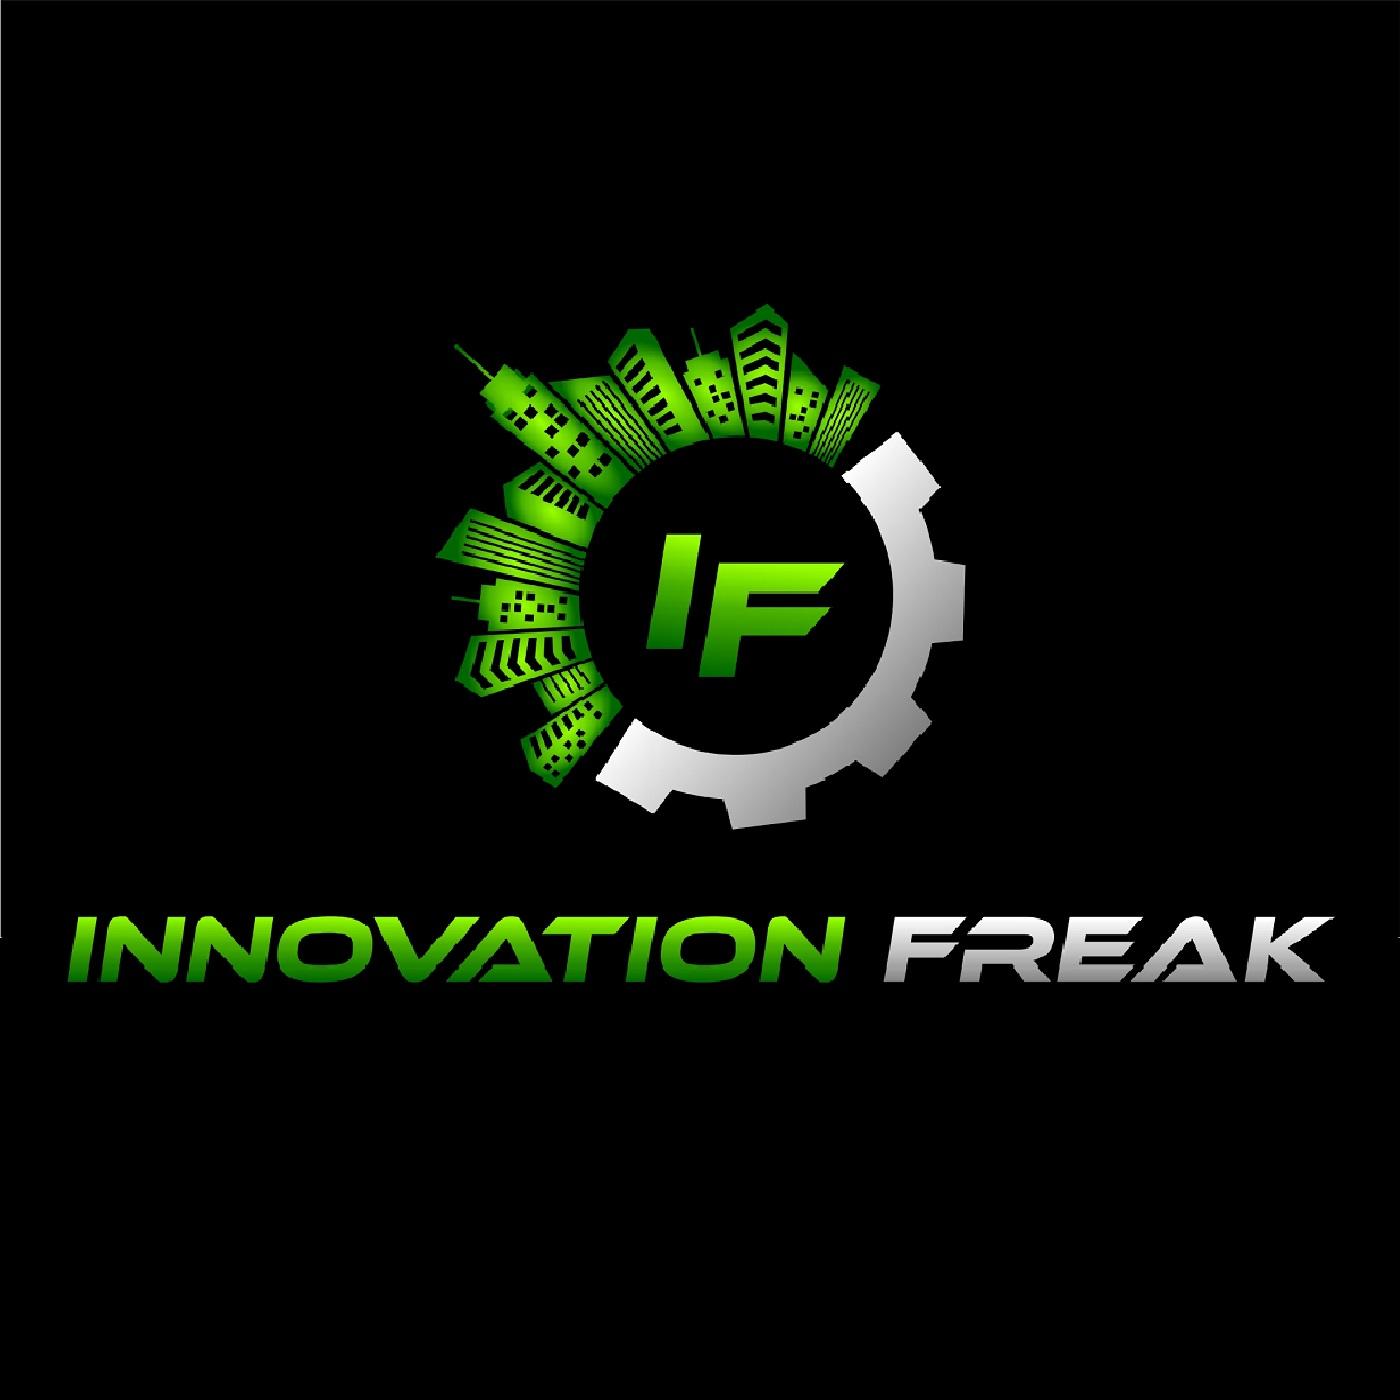 Innovation Freak show art